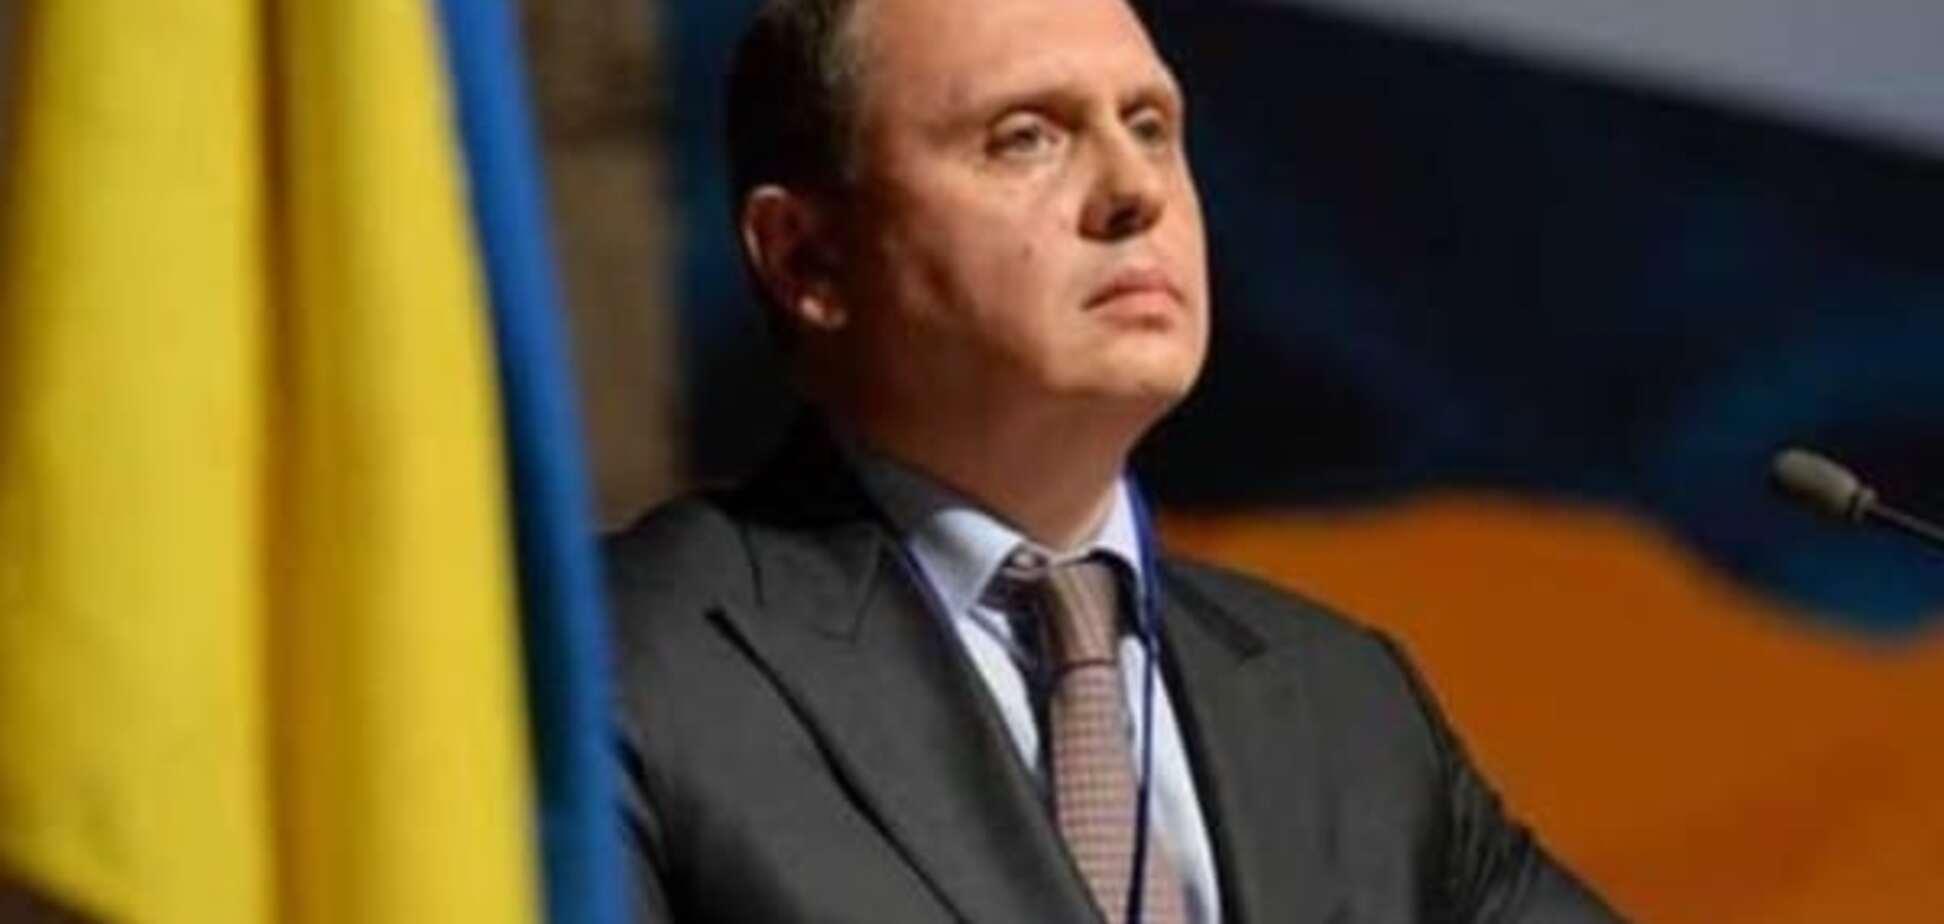 'Доказательств у следствия нет': Гречковский заявил, что дело против него сфабриковано